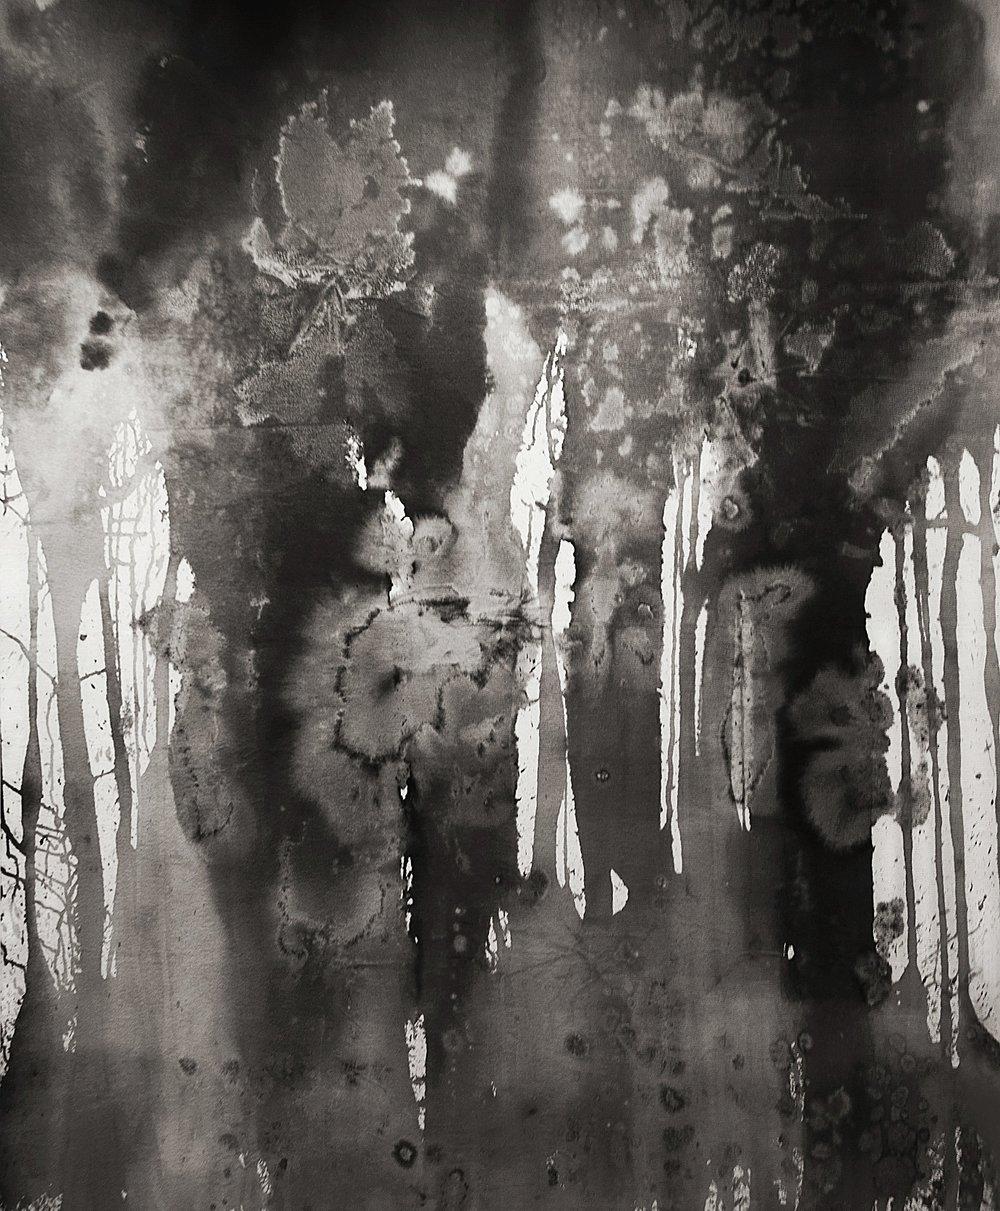 Paula Klien, Invisibilities, 2016